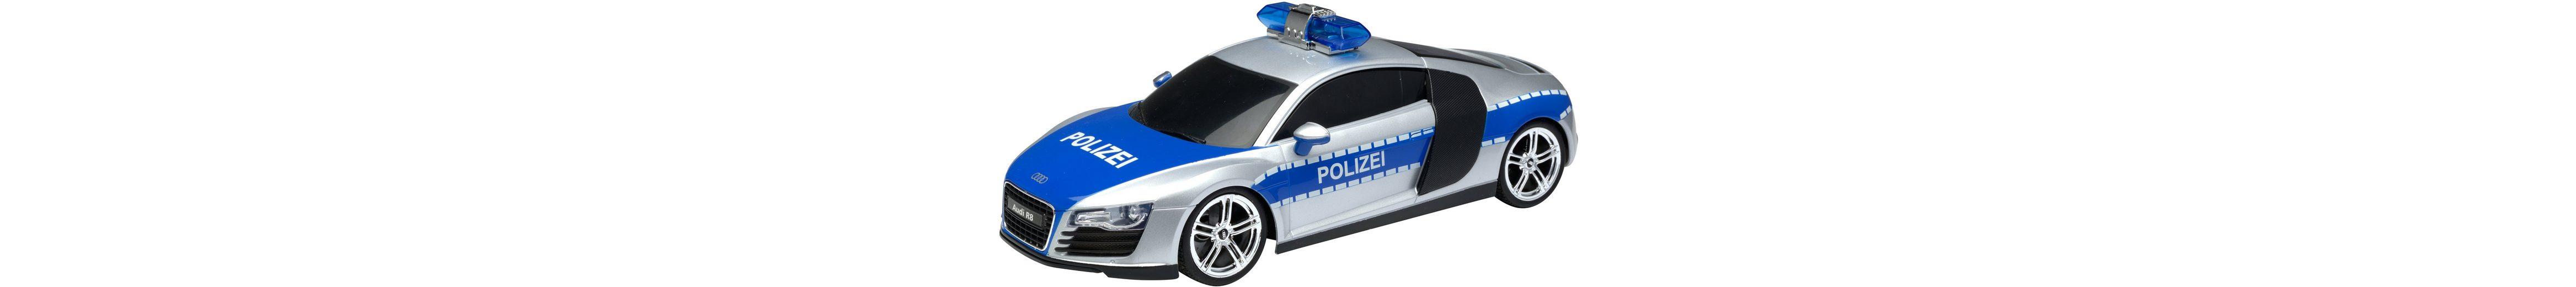 RC Komplett Set, »XQ Audi R8 Polizei 27 Mhz 1:18«